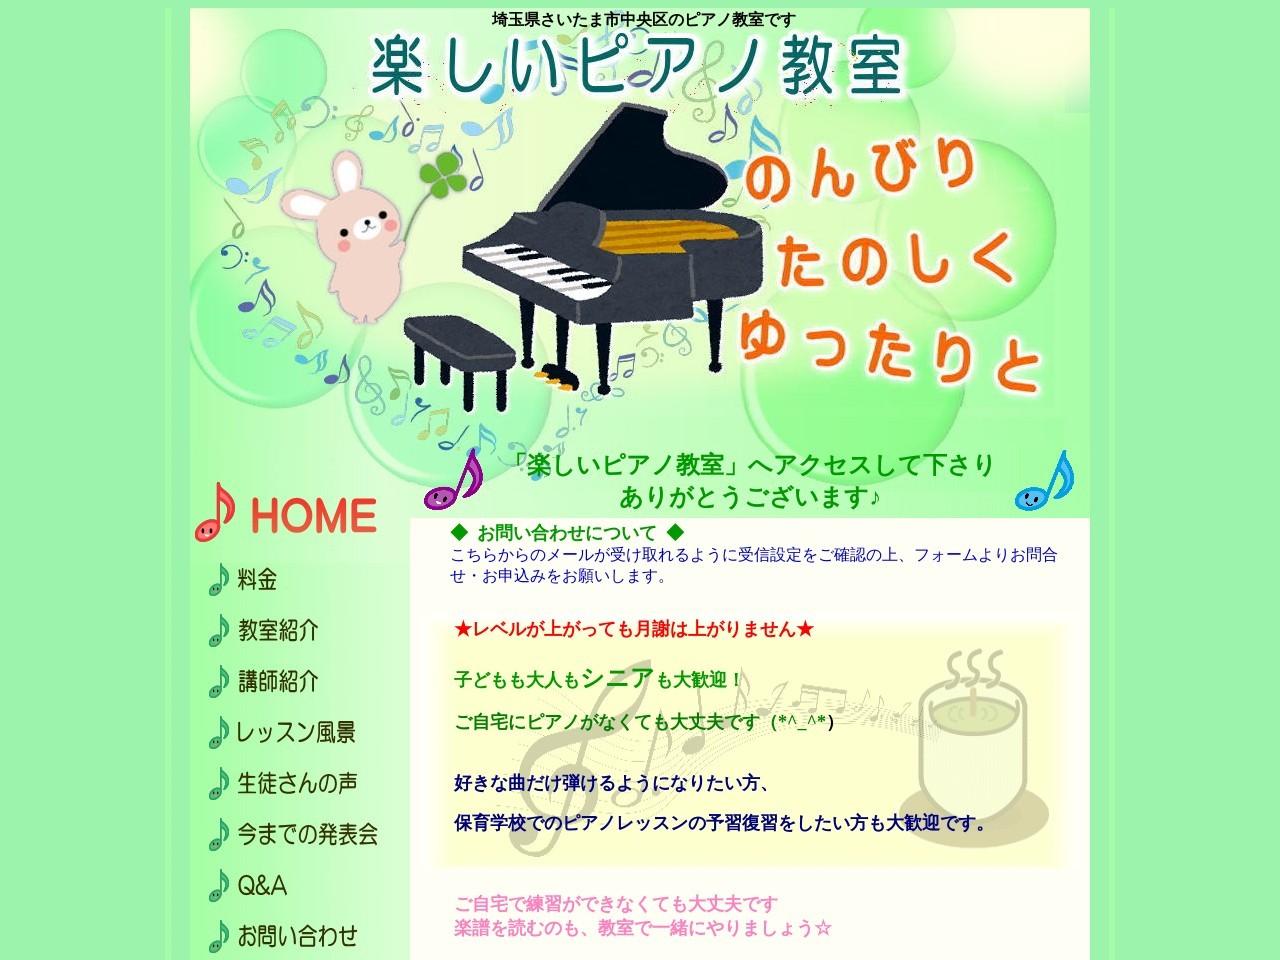 楽しいピアノ教室のサムネイル